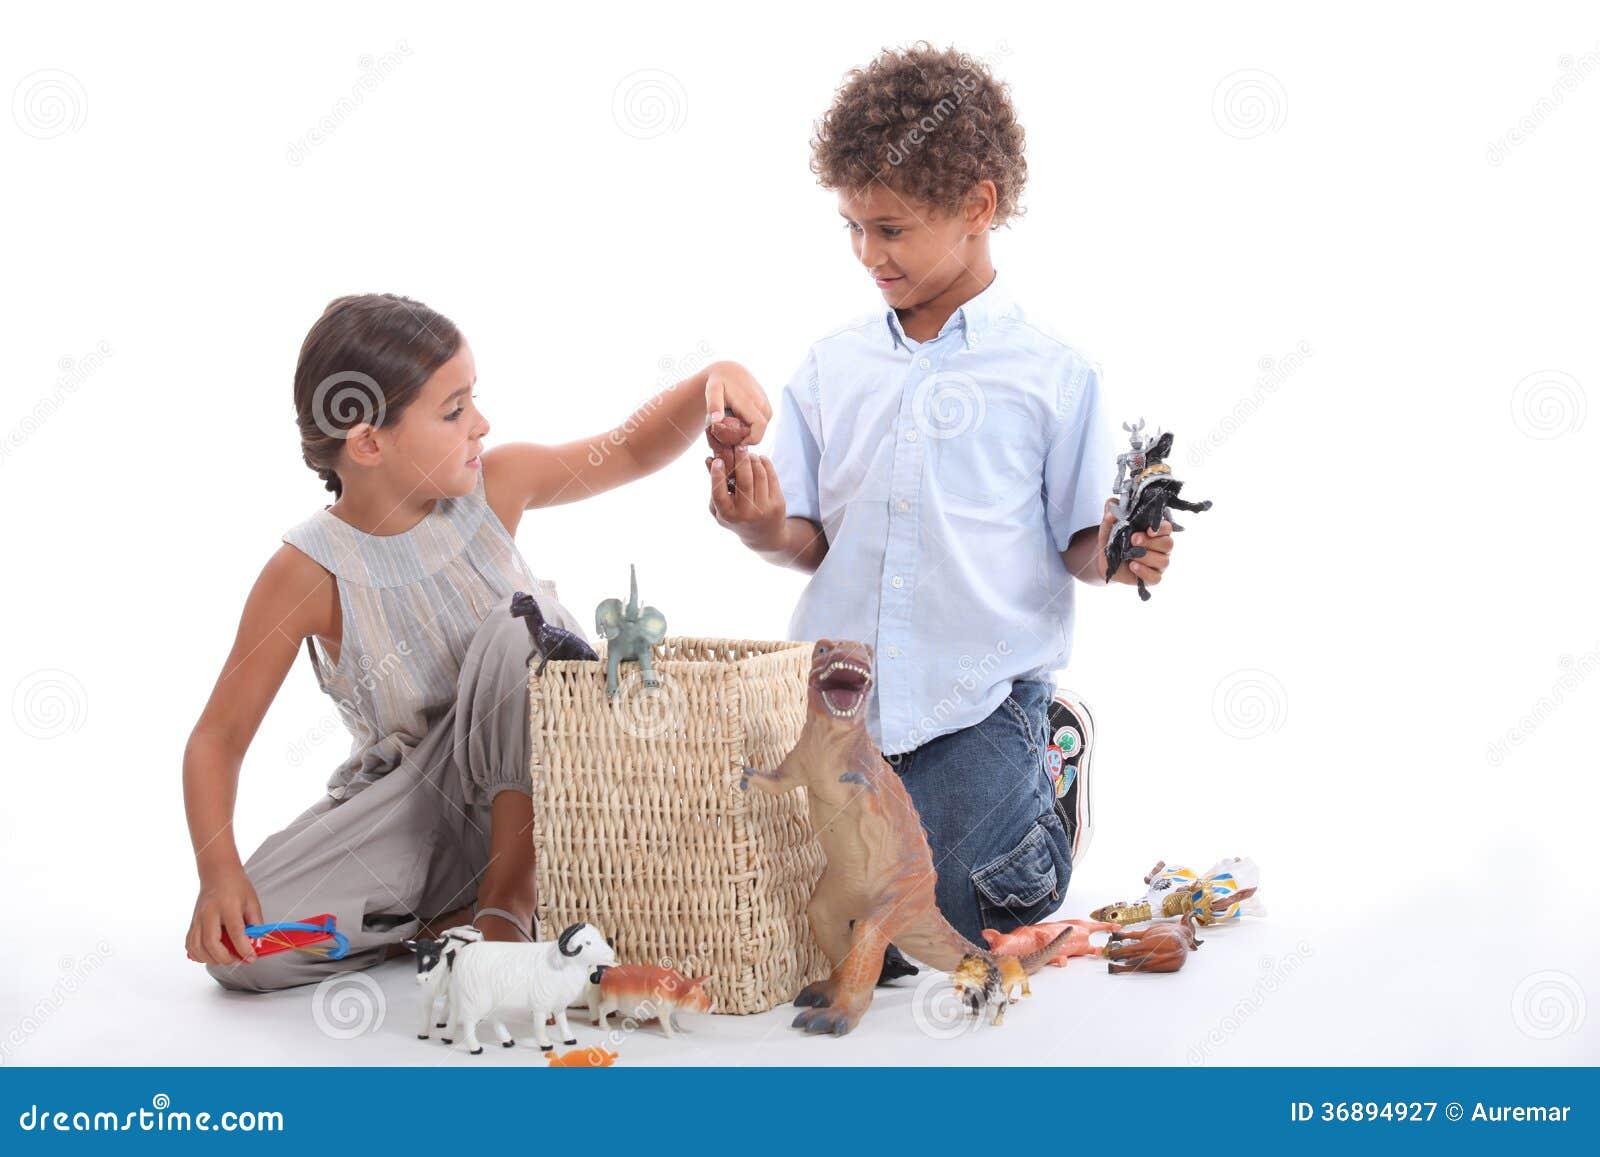 Download Fratello E Sorella Che Giocano Con Il Giocattolo Immagine Stock - Immagine di prestazioni, barretta: 36894927